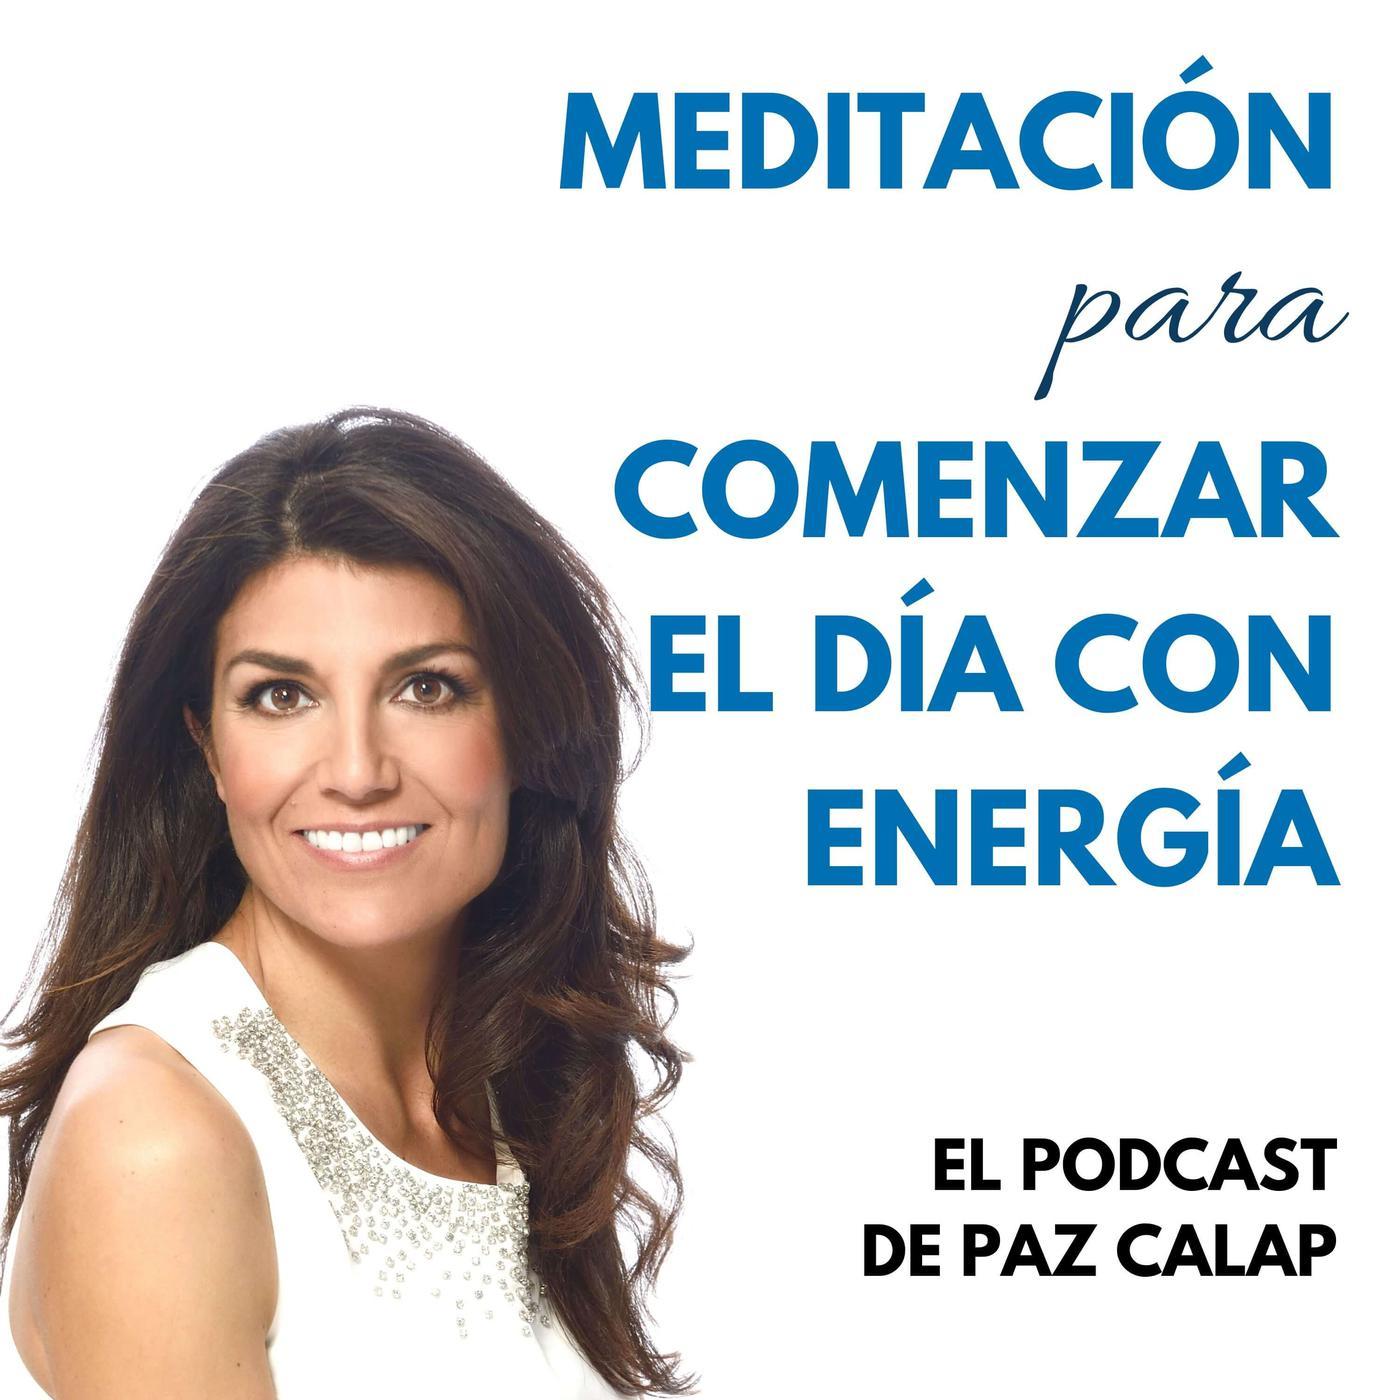 Meditación Para Empezar El Día Con Energía Medita Con Paz Listen Notes